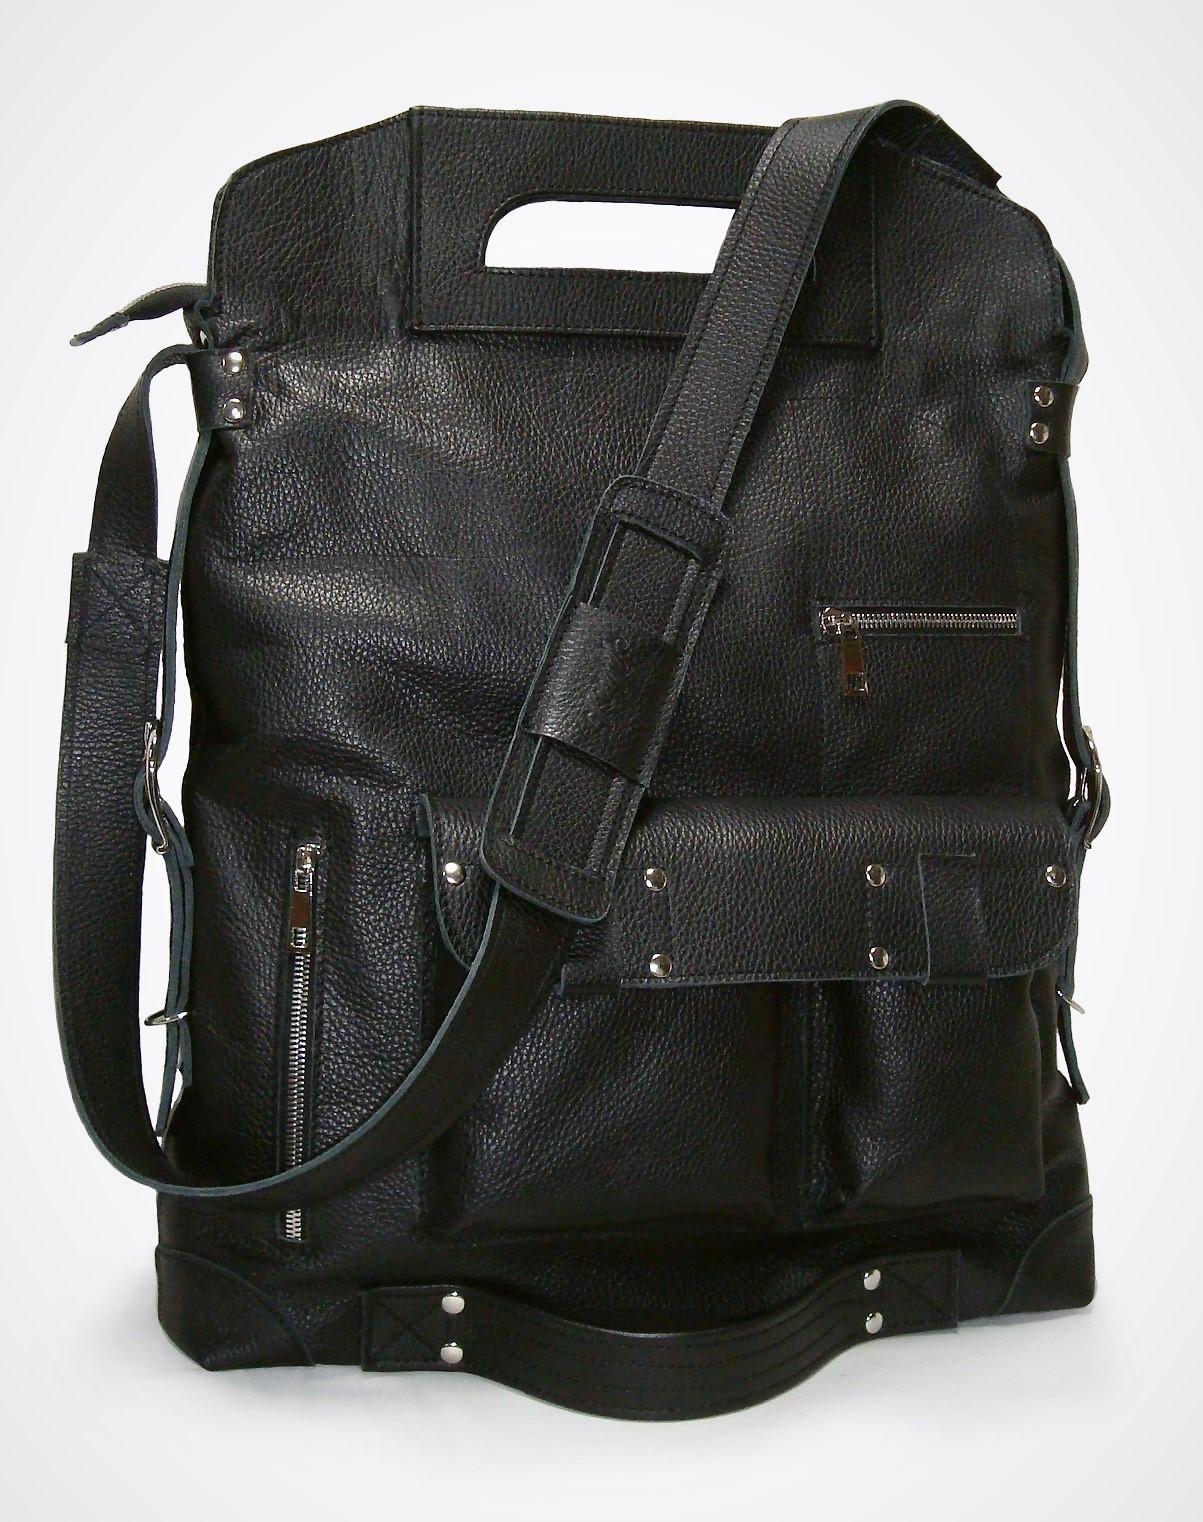 Муж. сумка Модель № 4-5Сумки и др. изделия из кожи<br>Общая высота сумки: 50 см <br>Высота до ручек: 43см <br>Ширина сумки: 36 см <br>Ширина дна: 6 см <br>Длинна ремня: 160 см<br><br>Тип: Муж. сумка<br>Размер: -<br>Материал: Натуральная кожа